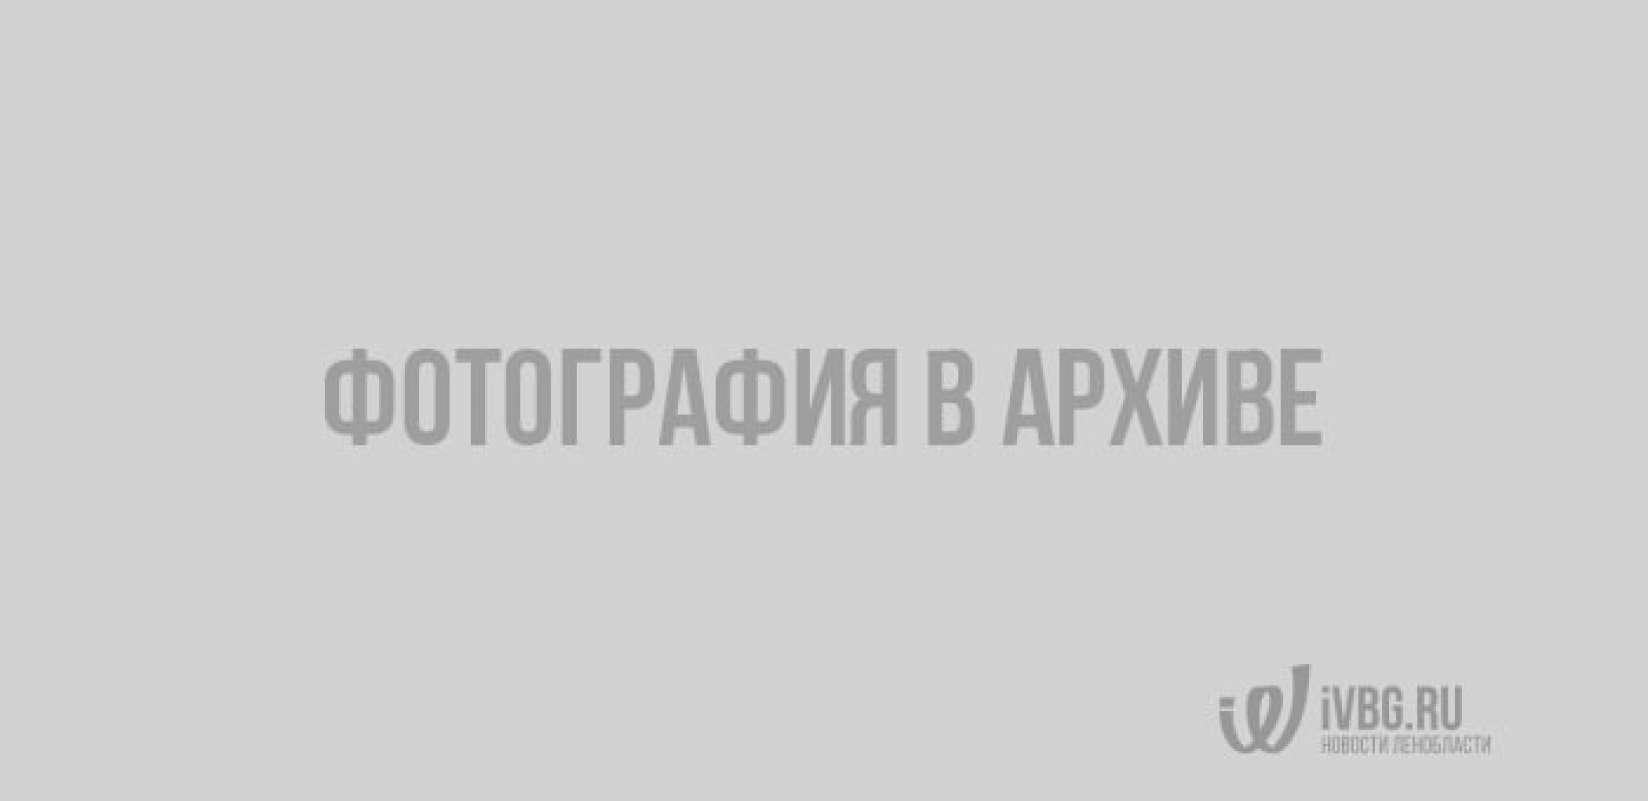 Почта России начала принимать банковские карты